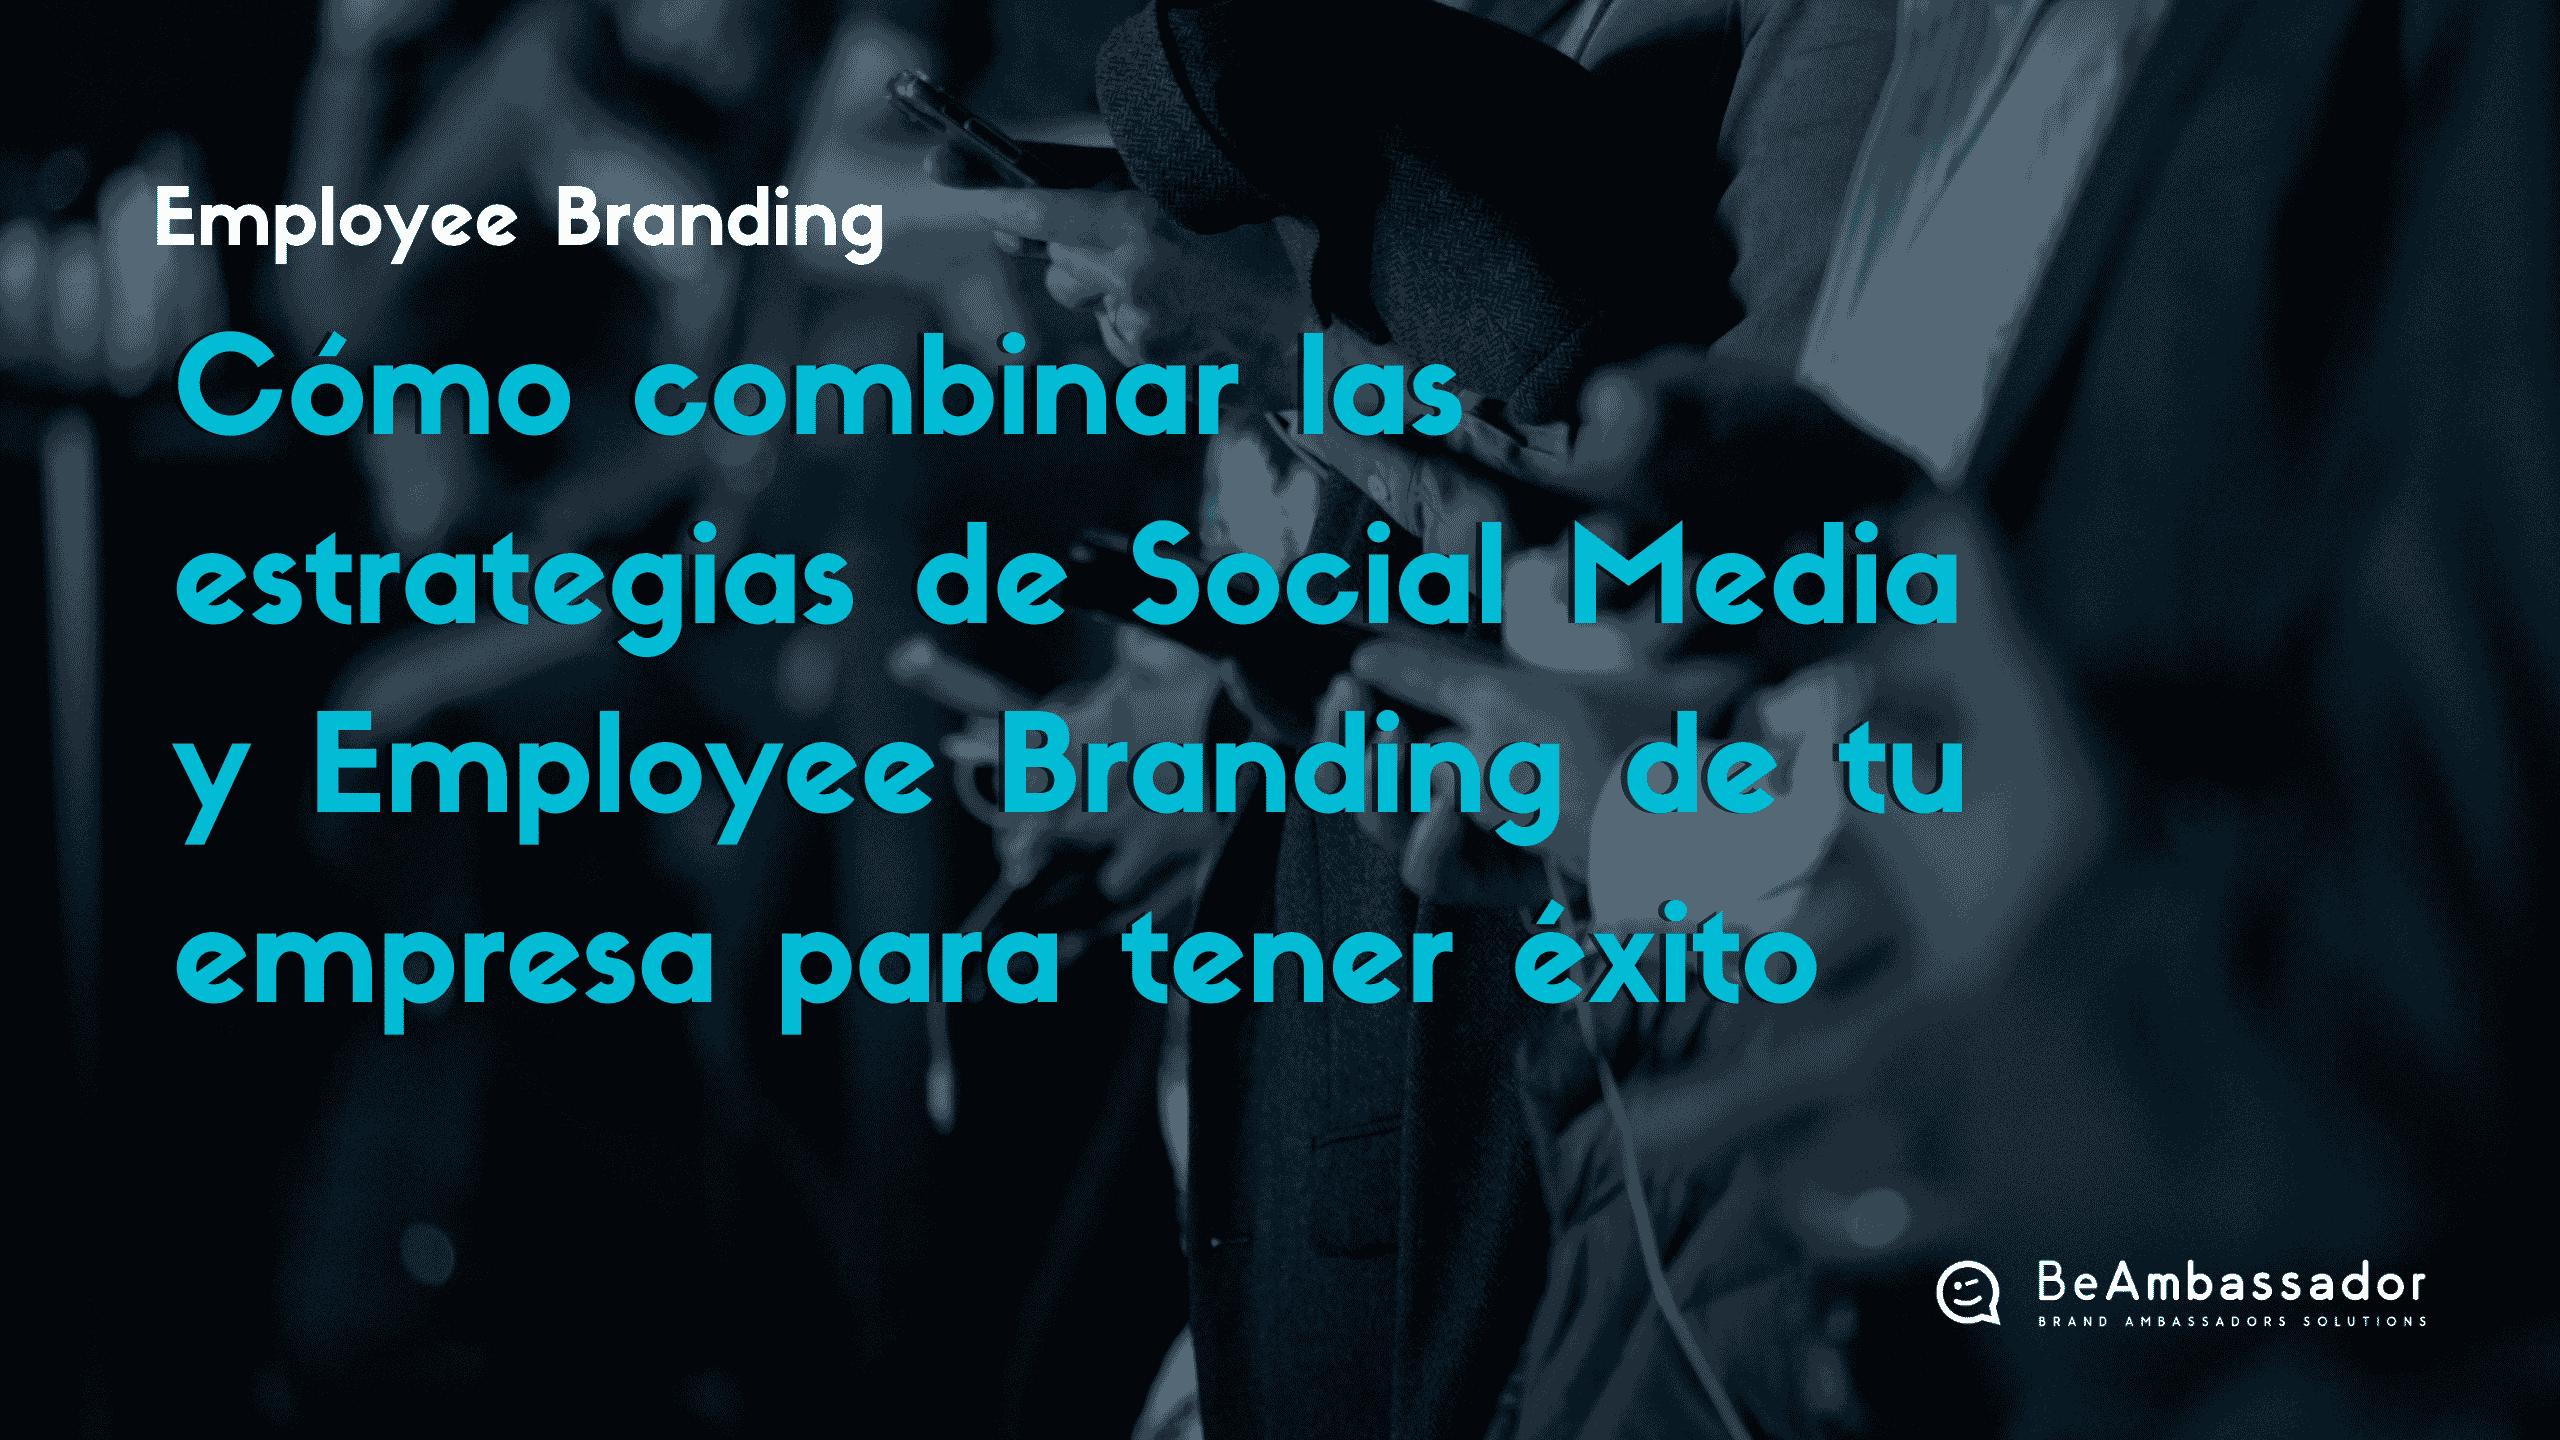 Combina las estrategias de Social Media y Employee Branding para triunfar